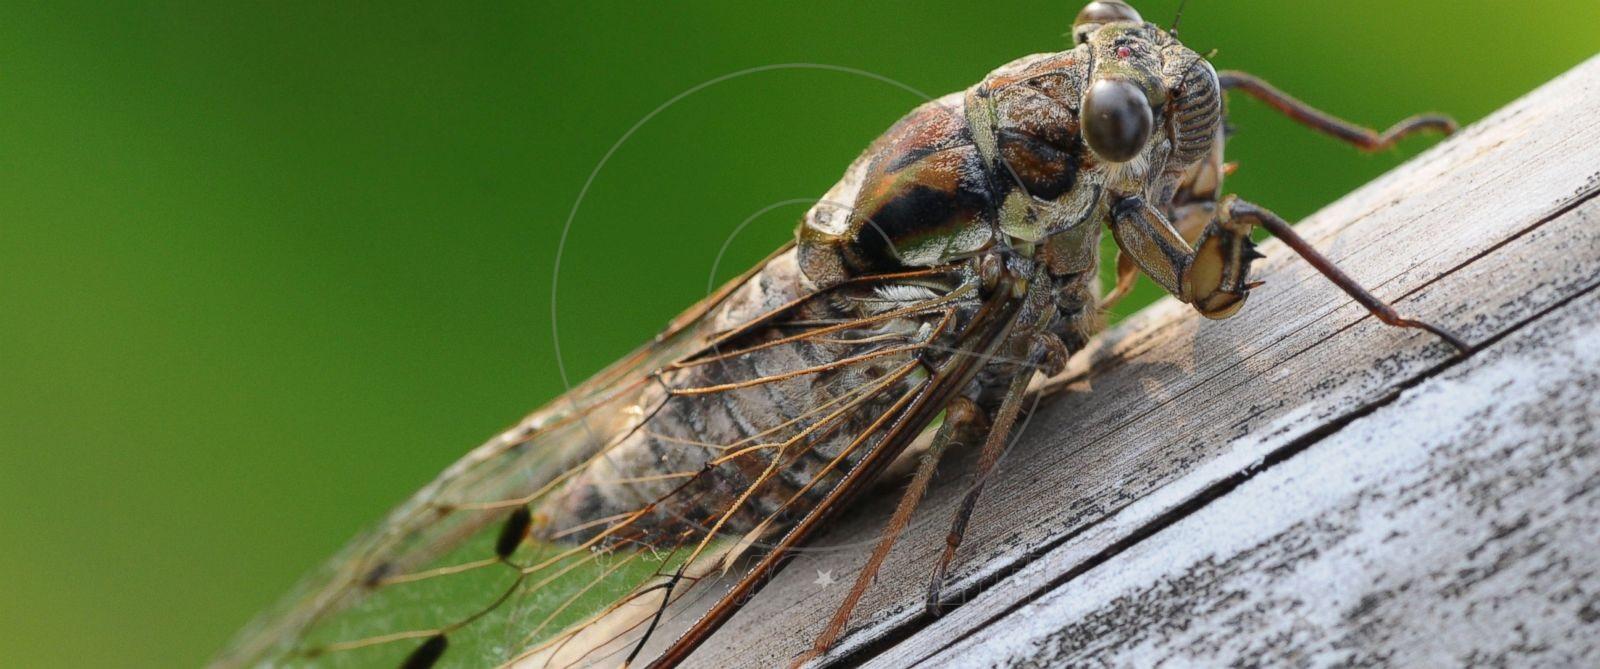 GTY_cicada_mm_160418_12x5_1600